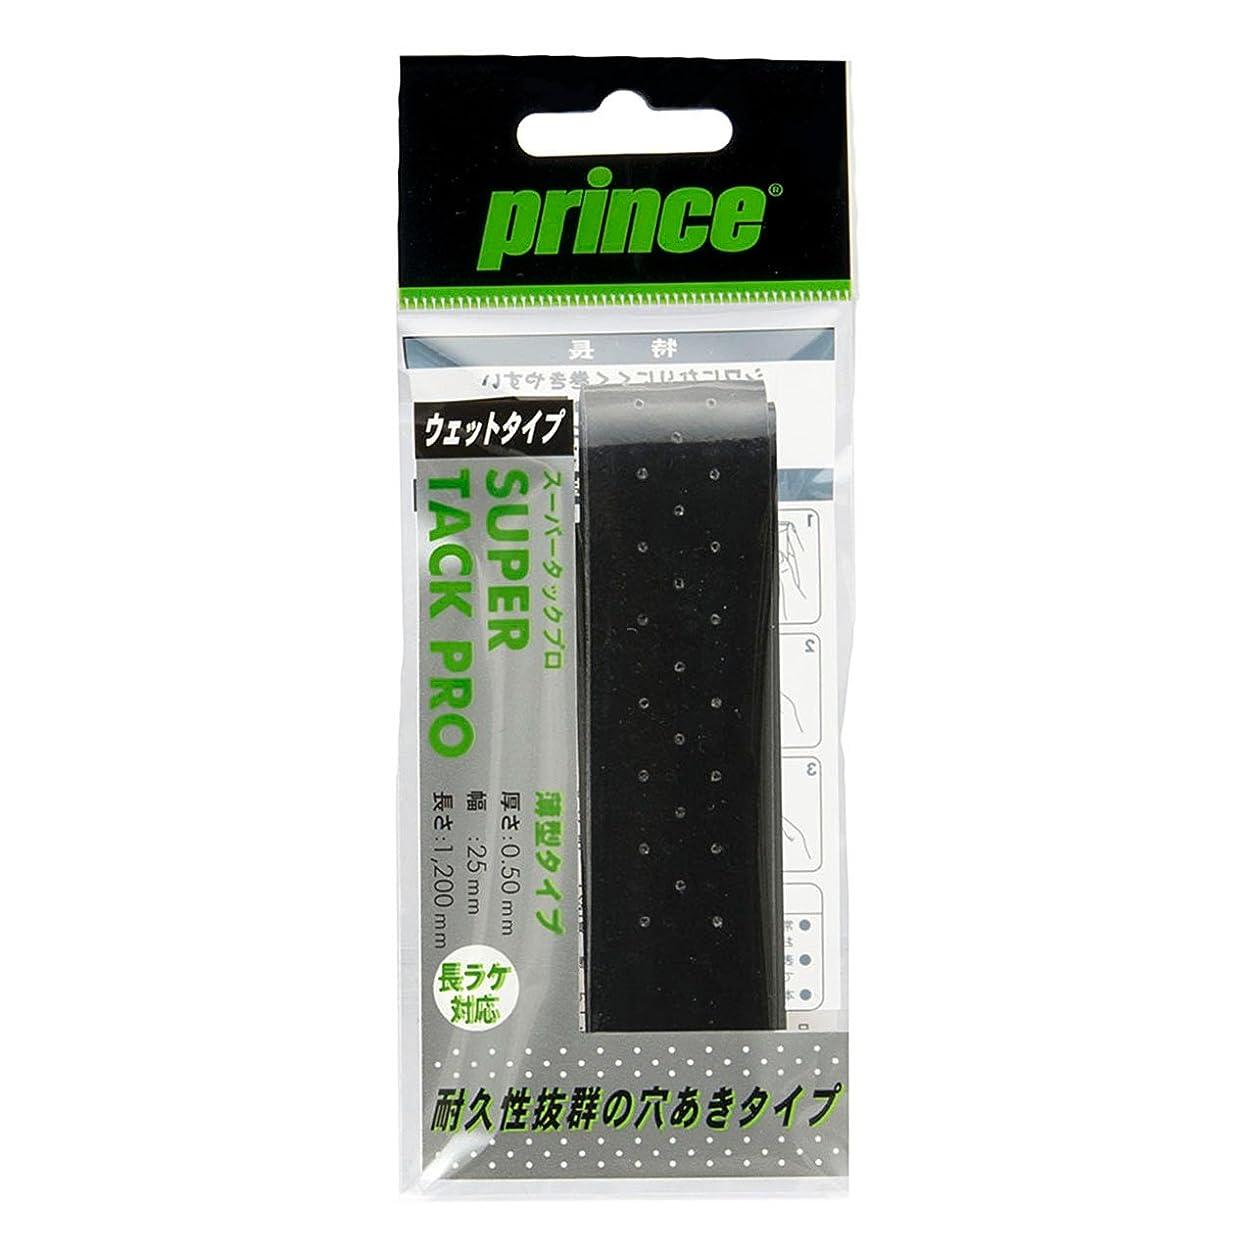 刺す扱いやすい超音速プリンス(Prince) スーパー タック プロ(1本入) OG111